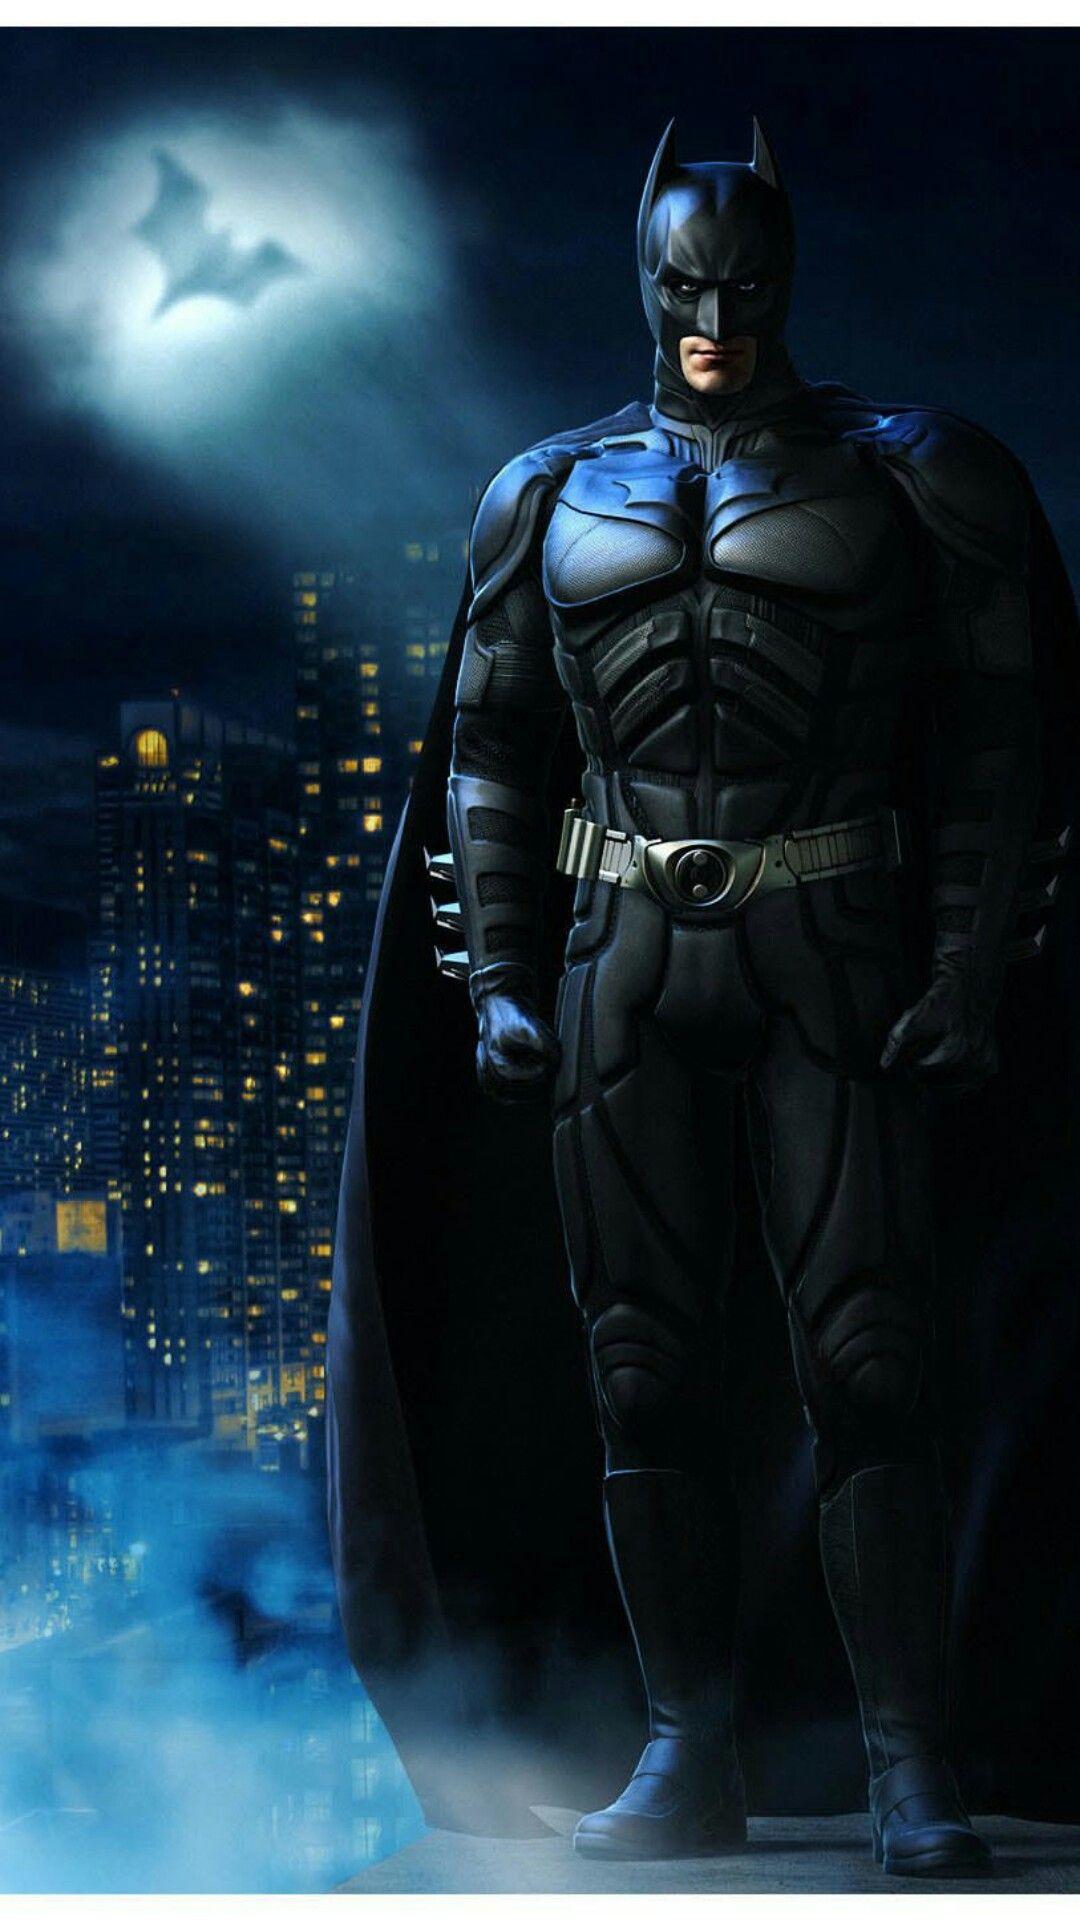 Batman, Bruce Wayne Batman, Batman the dark knight